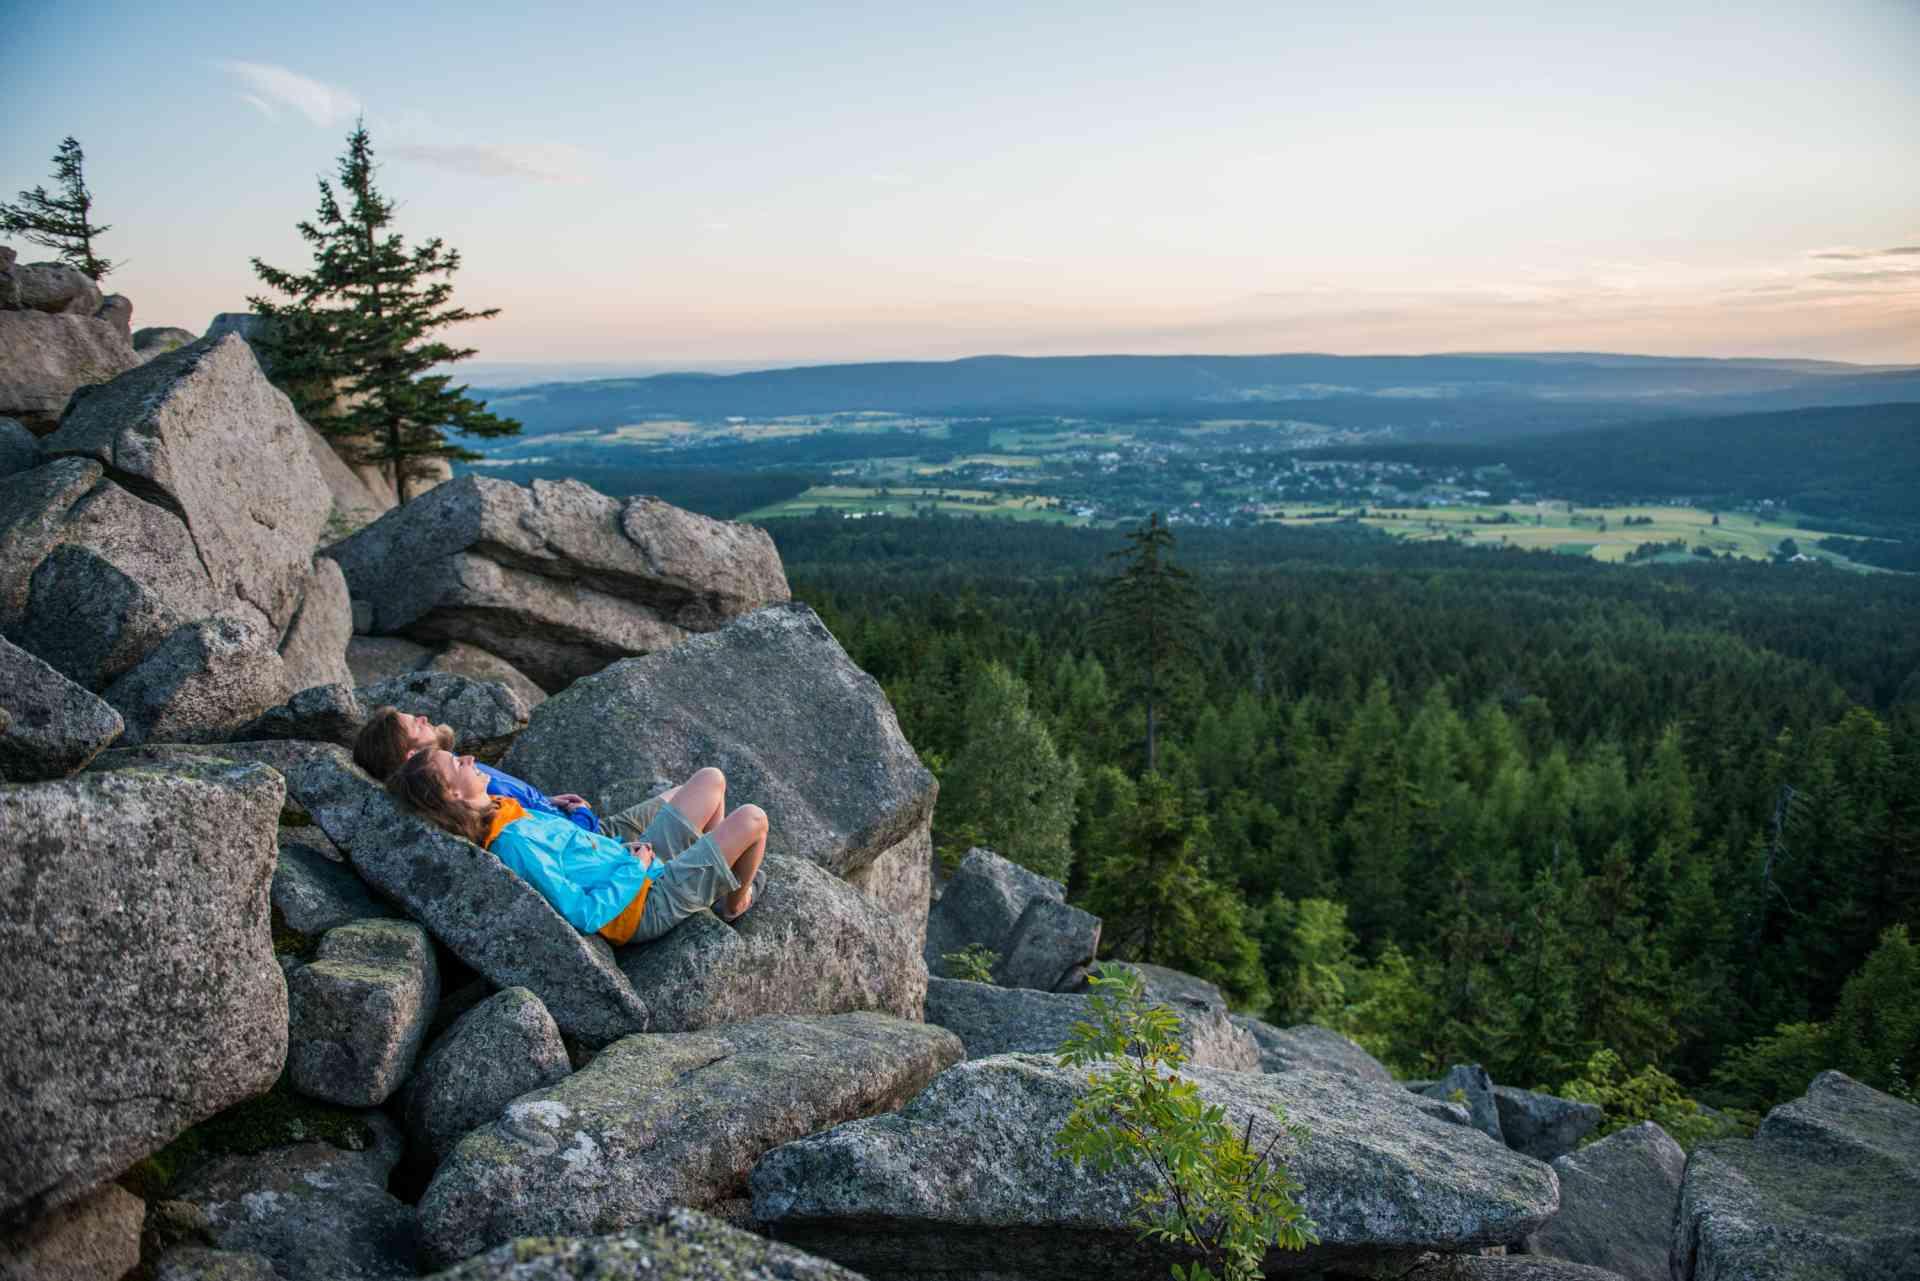 Ferienregion Fichtelgebirge - Ochsenkopf